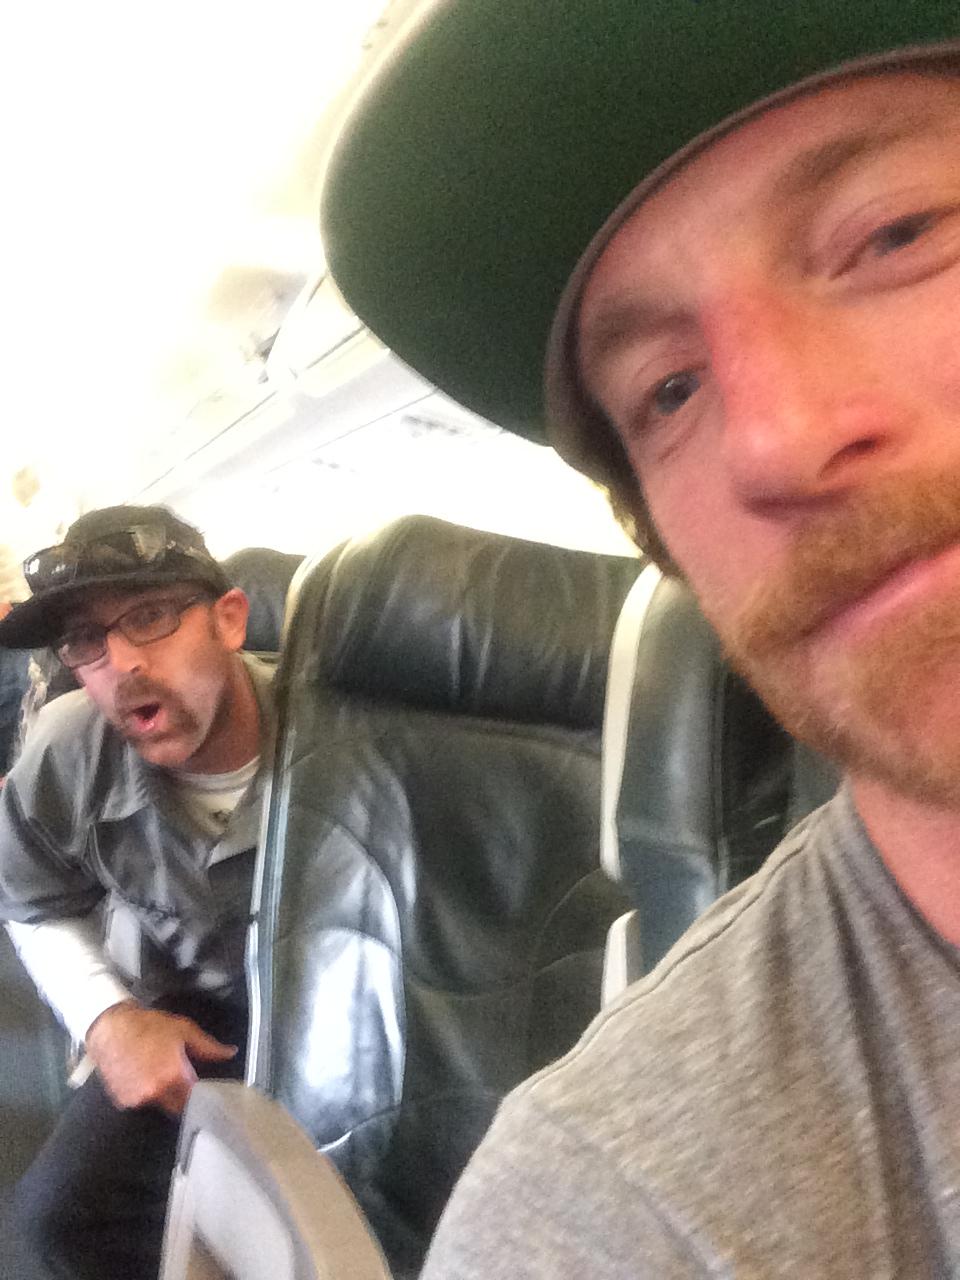 Alan and me on the plane